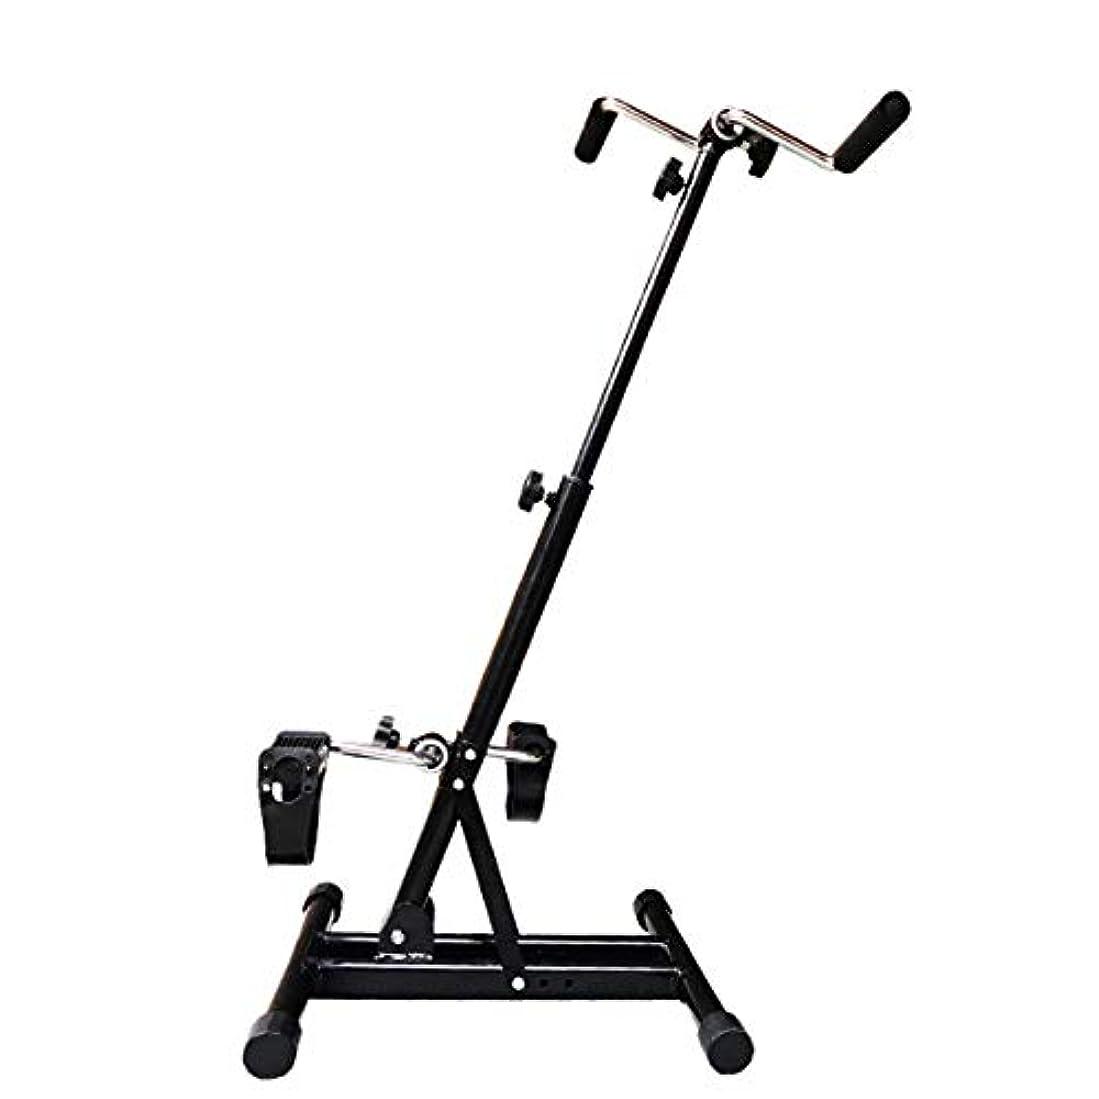 散歩調子肯定的ホームレッグアームペダルエクササイザー、高齢者障害者リハビリテーション訓練ツール、上肢および下肢脳卒中片麻痺、自転車フィットネス機器のワークアウト,A